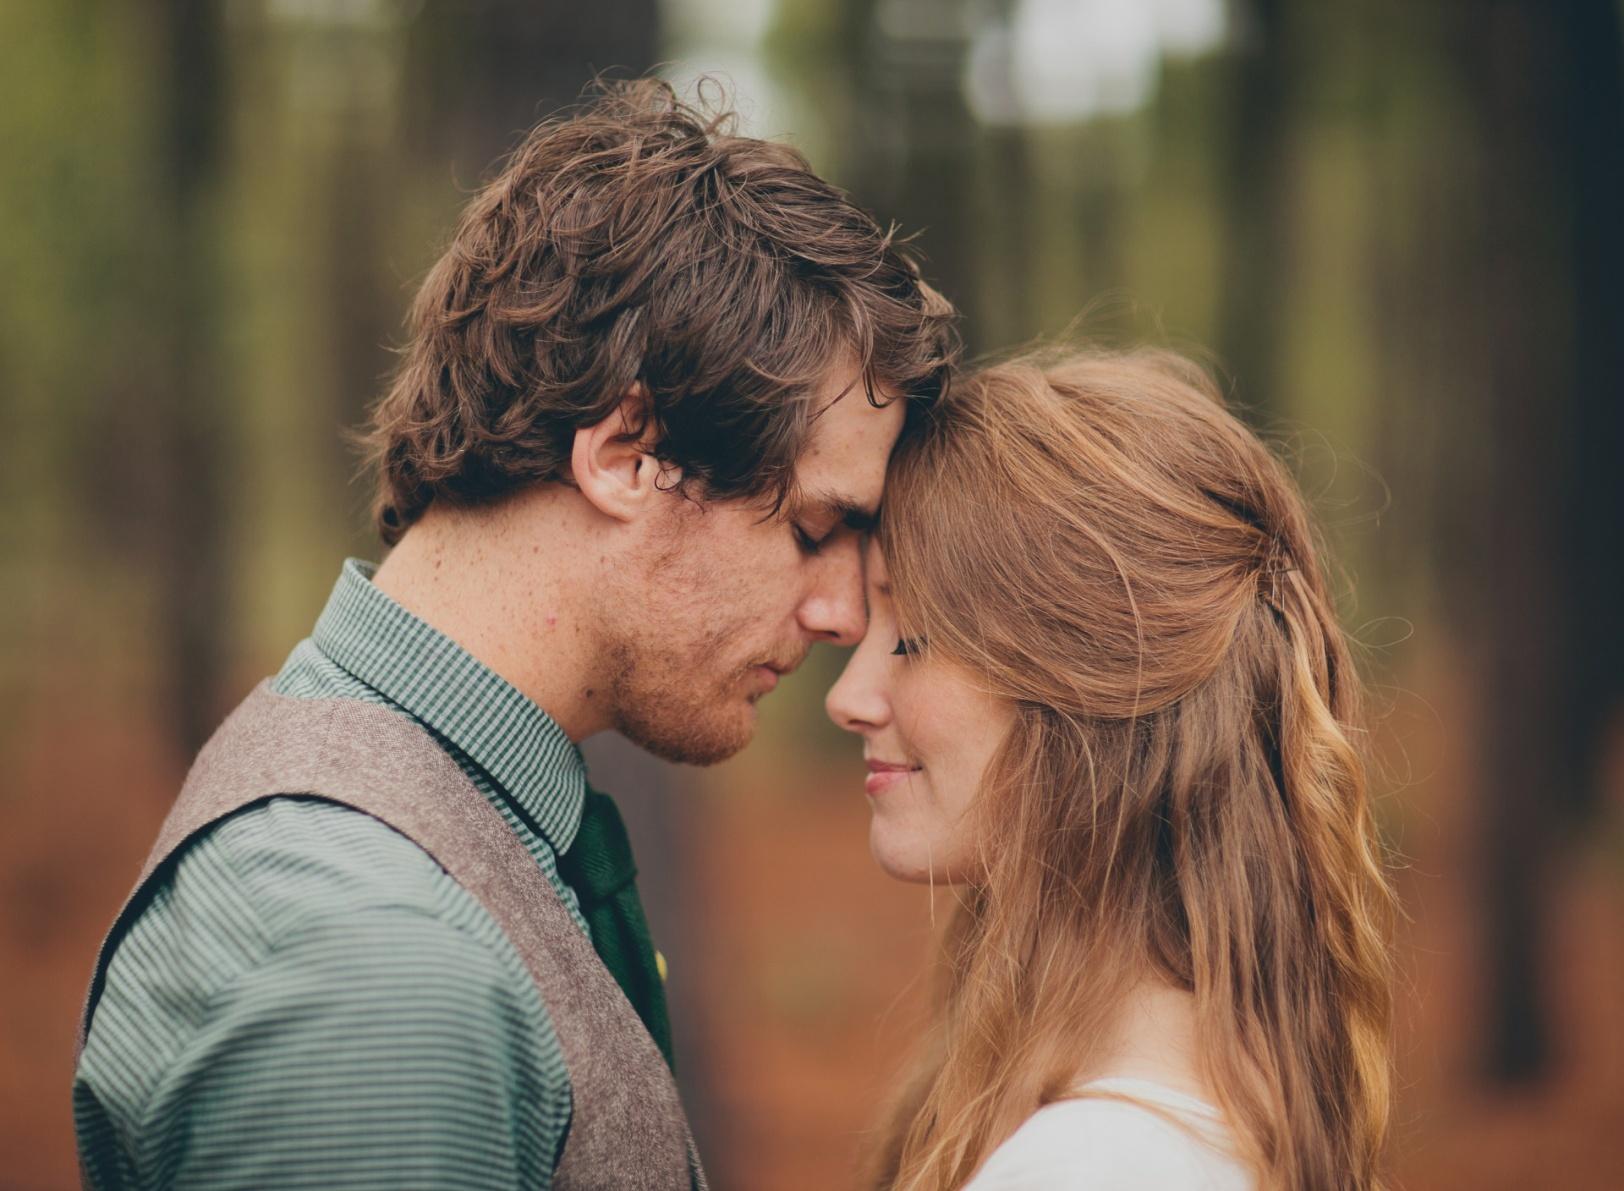 https://www.blackpantera.ru/articles/wp-content/uploads/2020/06/lovers-feeling-romance-paren.jpg